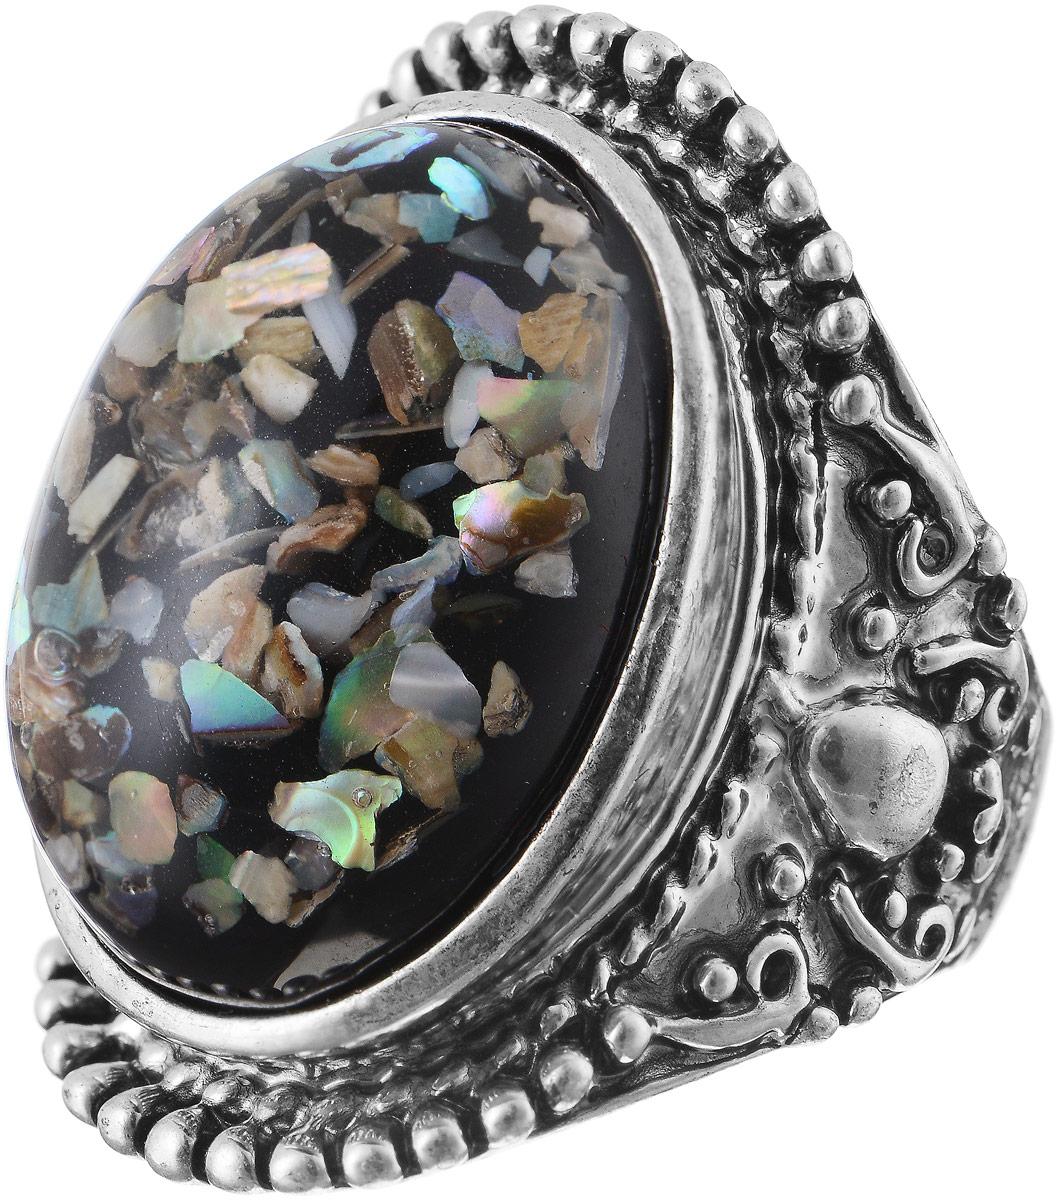 Кольцо Bradex Винтажная история, цвет: серебряный. AS 0022Коктейльное кольцоКольцо Bradex Винтажная история изготовлено из металлического сплава. Декоративный элемент выполнен в овальной форме и оформлен вставкой из искусственного камня.